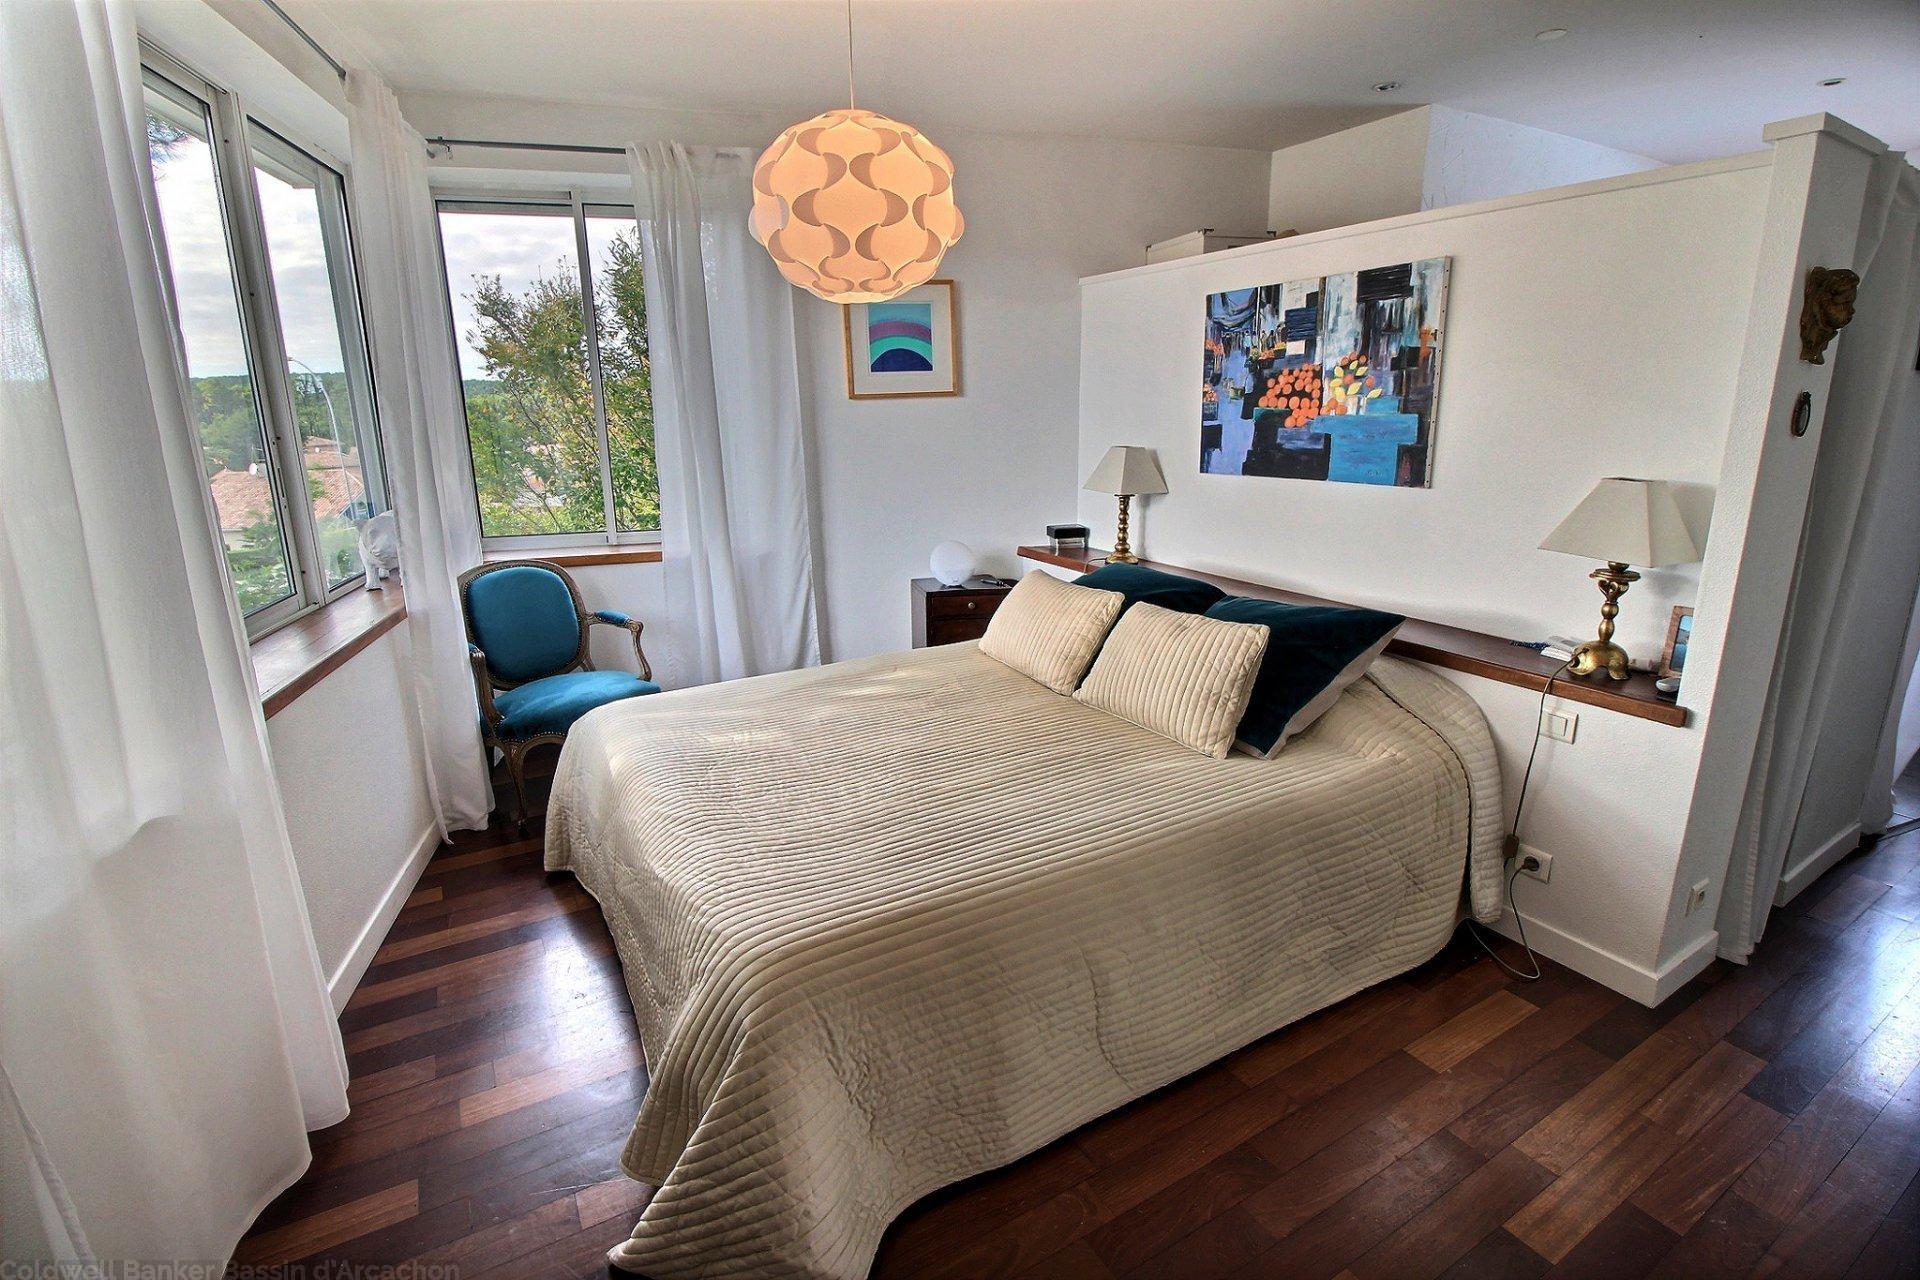 Vente maison 4 chambres avec piscine proche dune du pyla la teste de buch